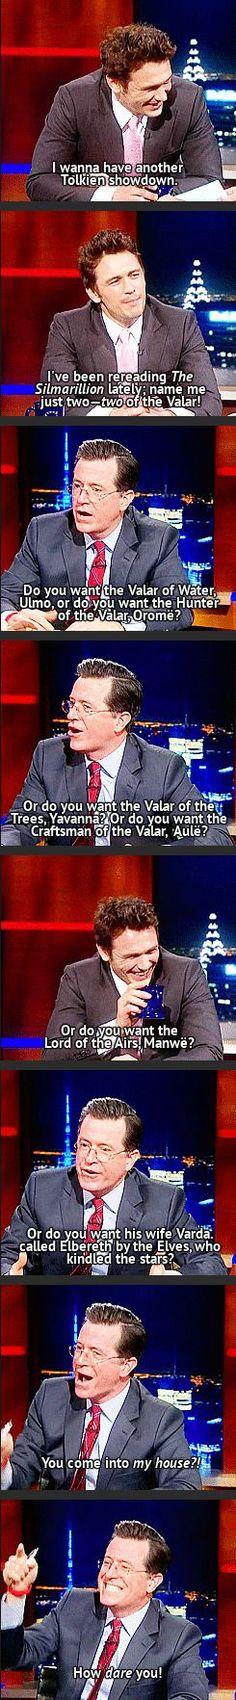 Stephen Colbert, reigning king of the Tolkien geeks